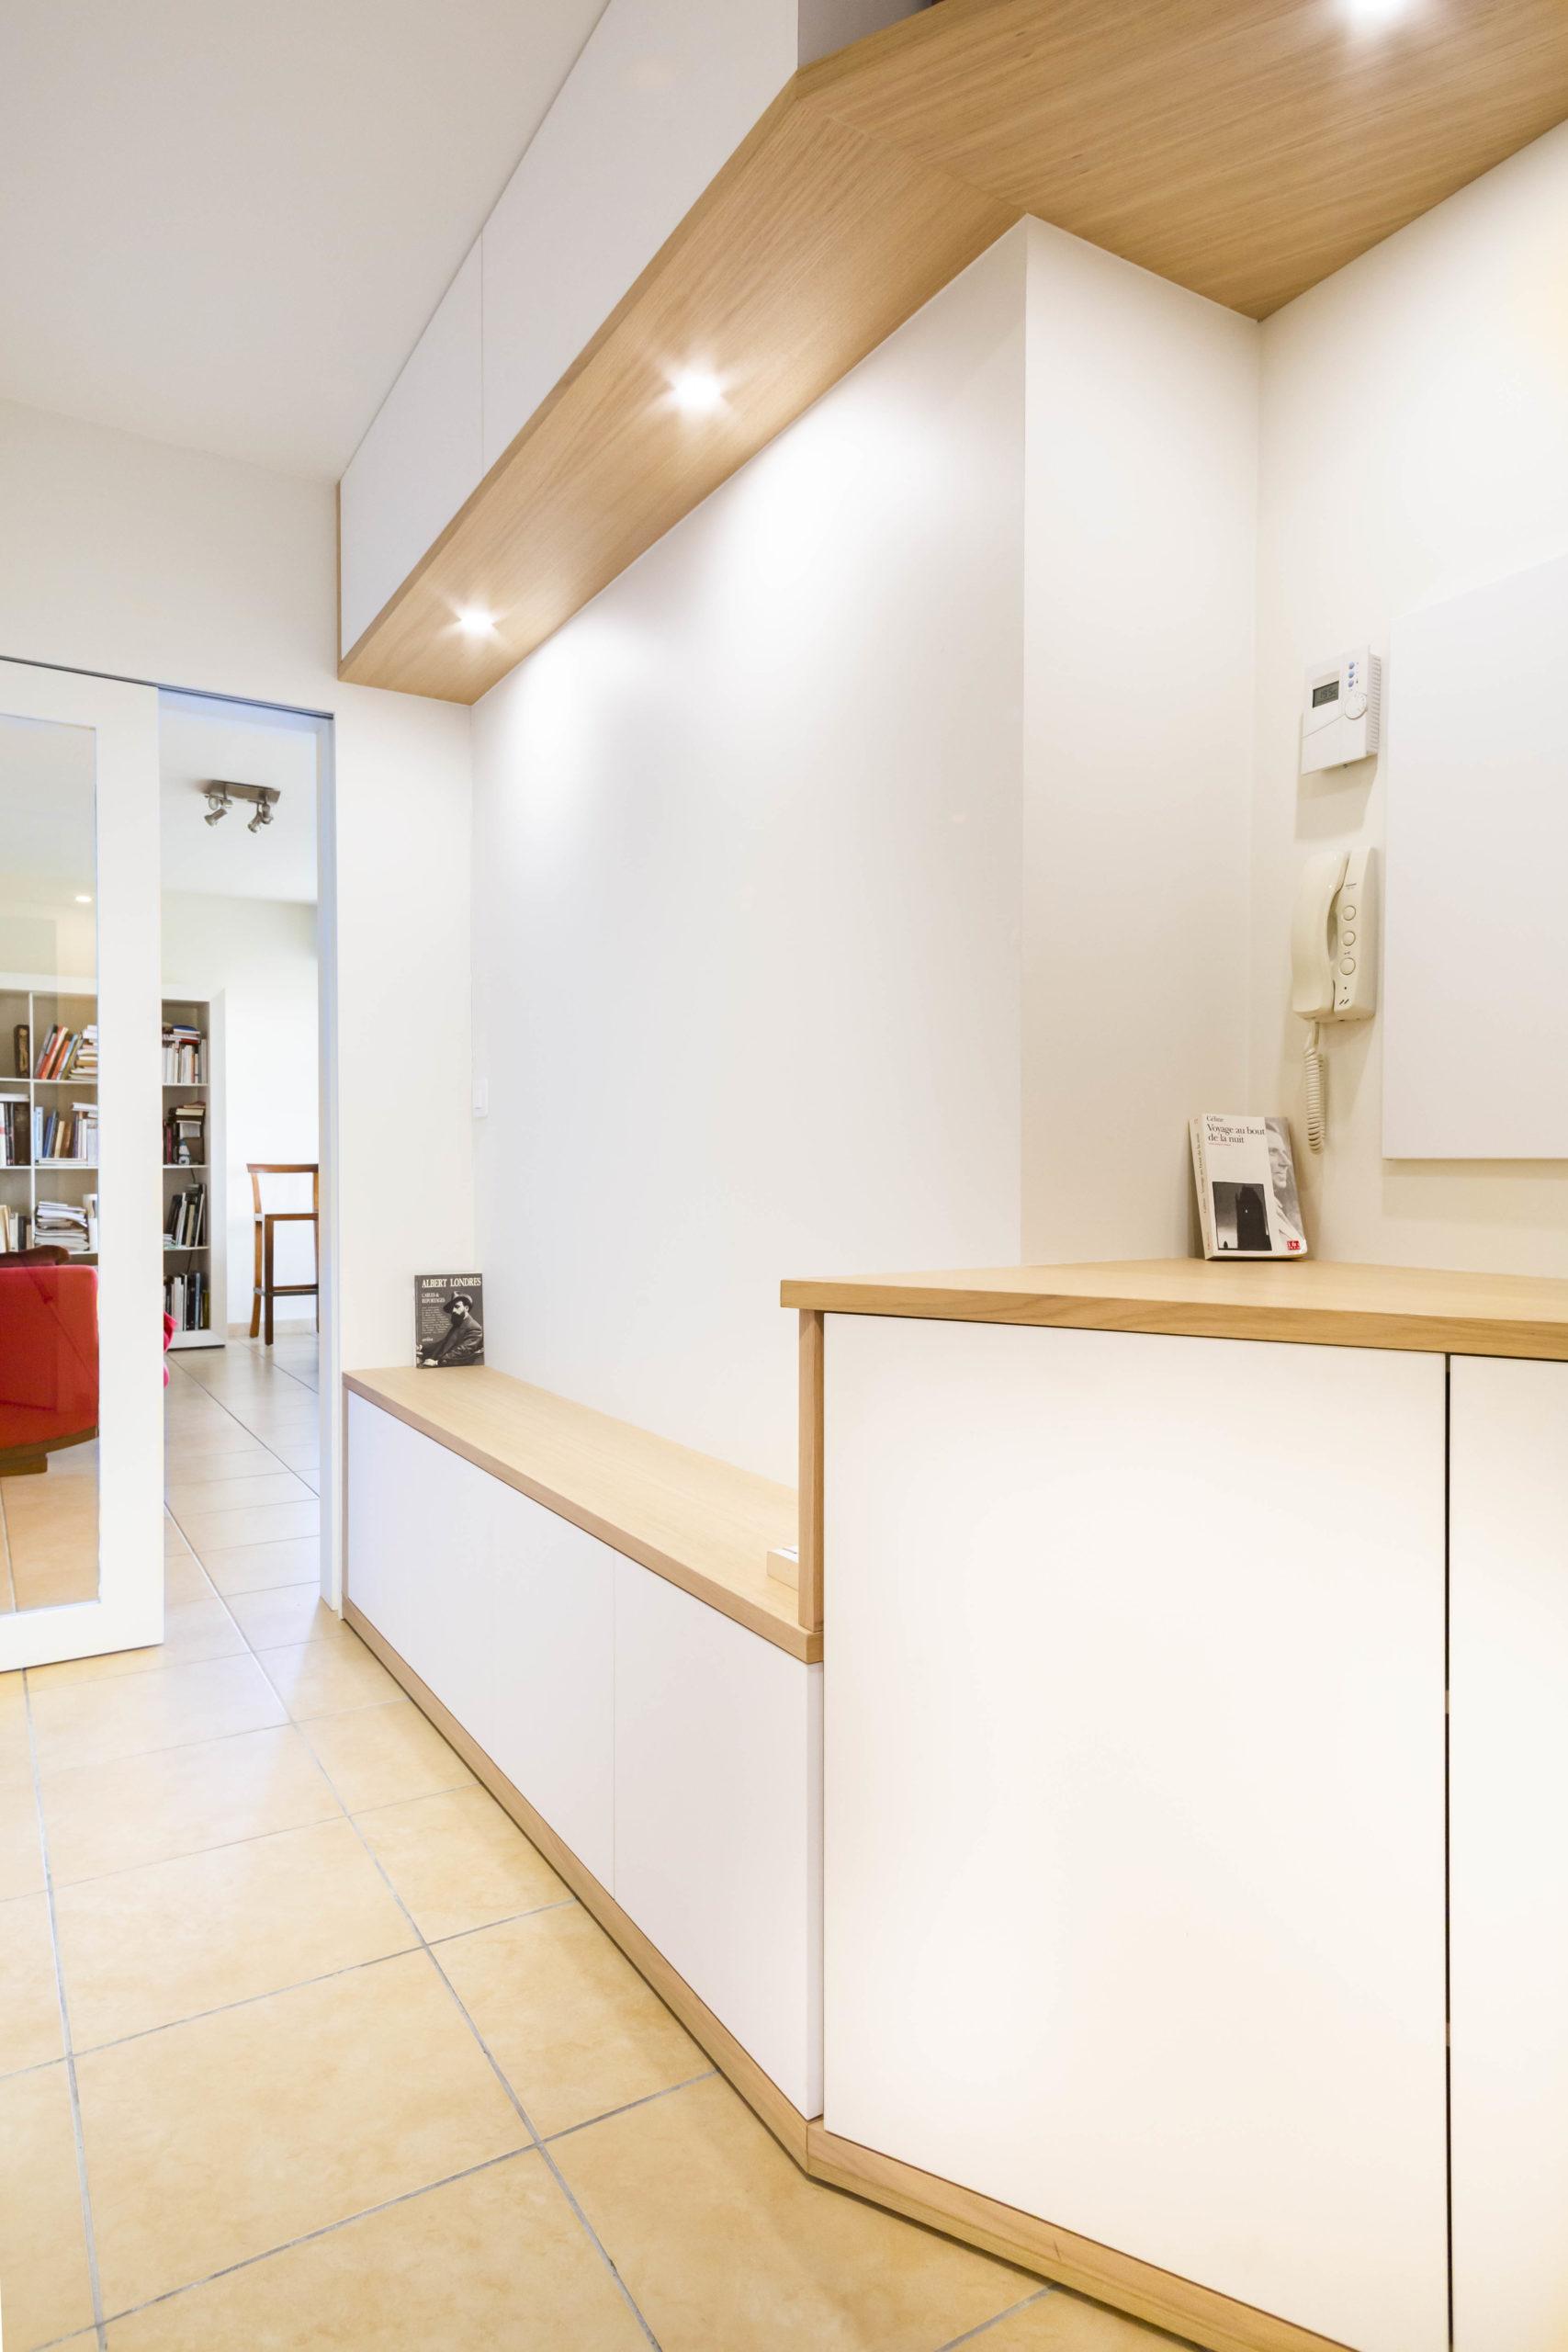 Atelier Plurielles Architectures Réaménagement appartement Anglet - meuble entrée